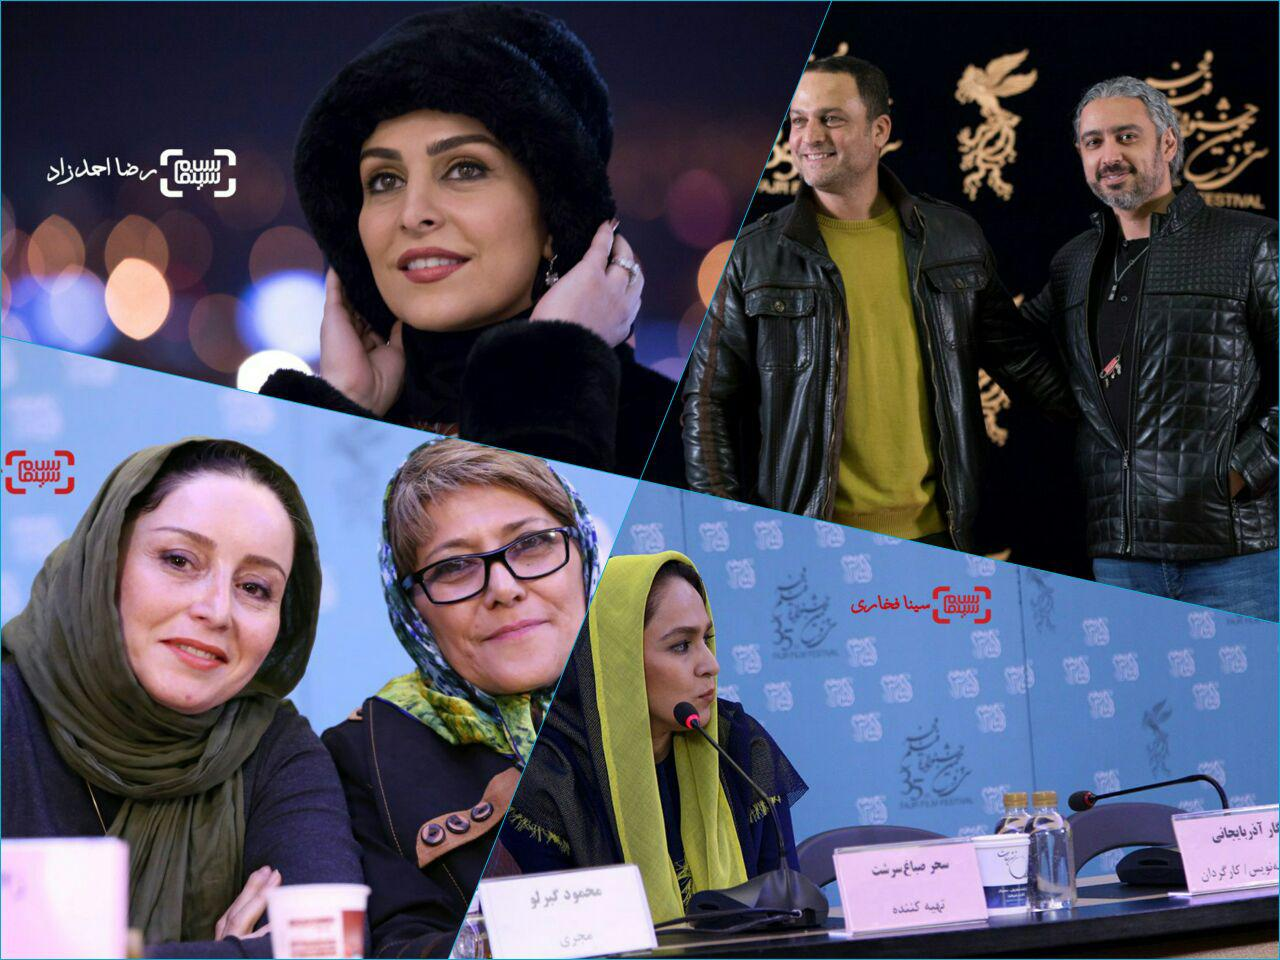 گزارش تصویری اکران و نشست های روز دهم جشنواره فجر 35